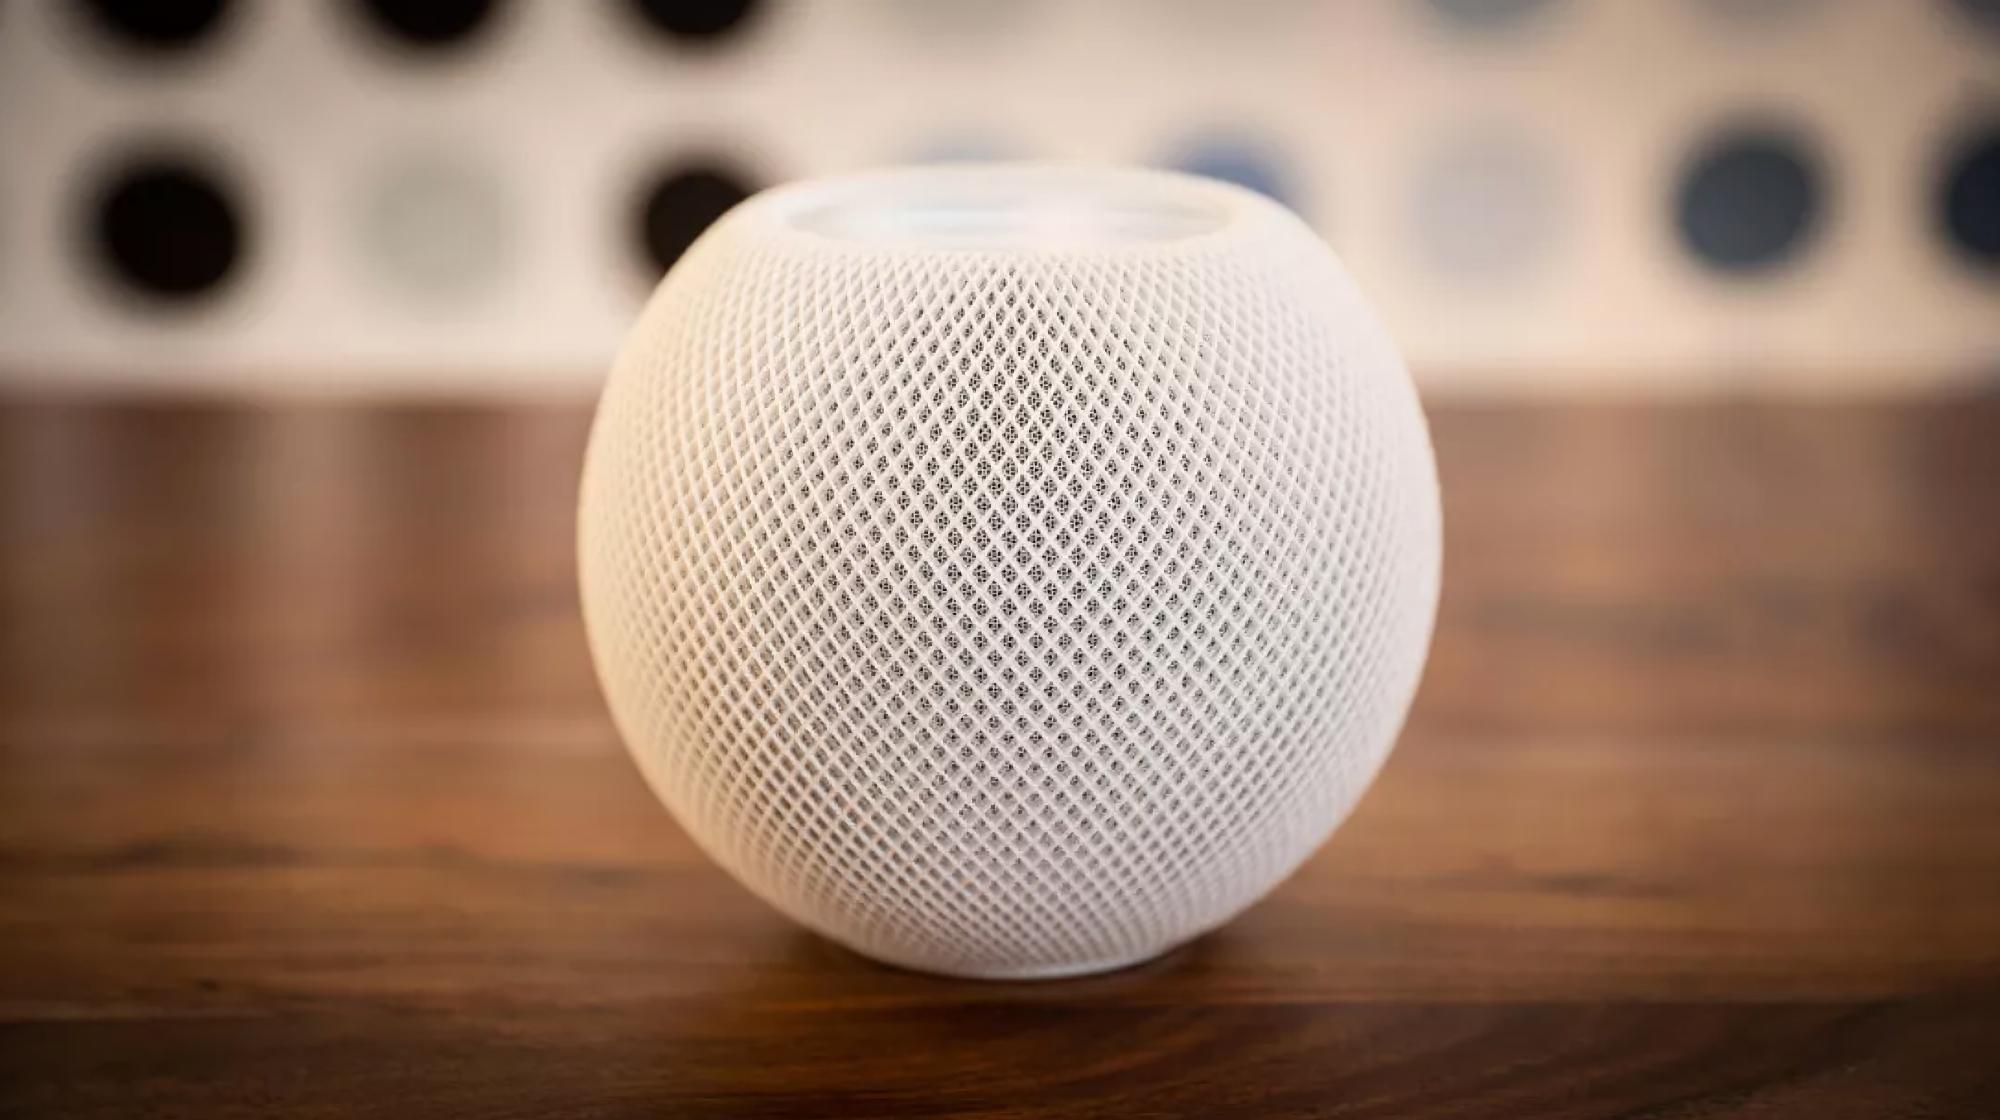 Bloomberg: в смарт-колонке Apple HomePod mini есть скрытые датчики температуры и влажности